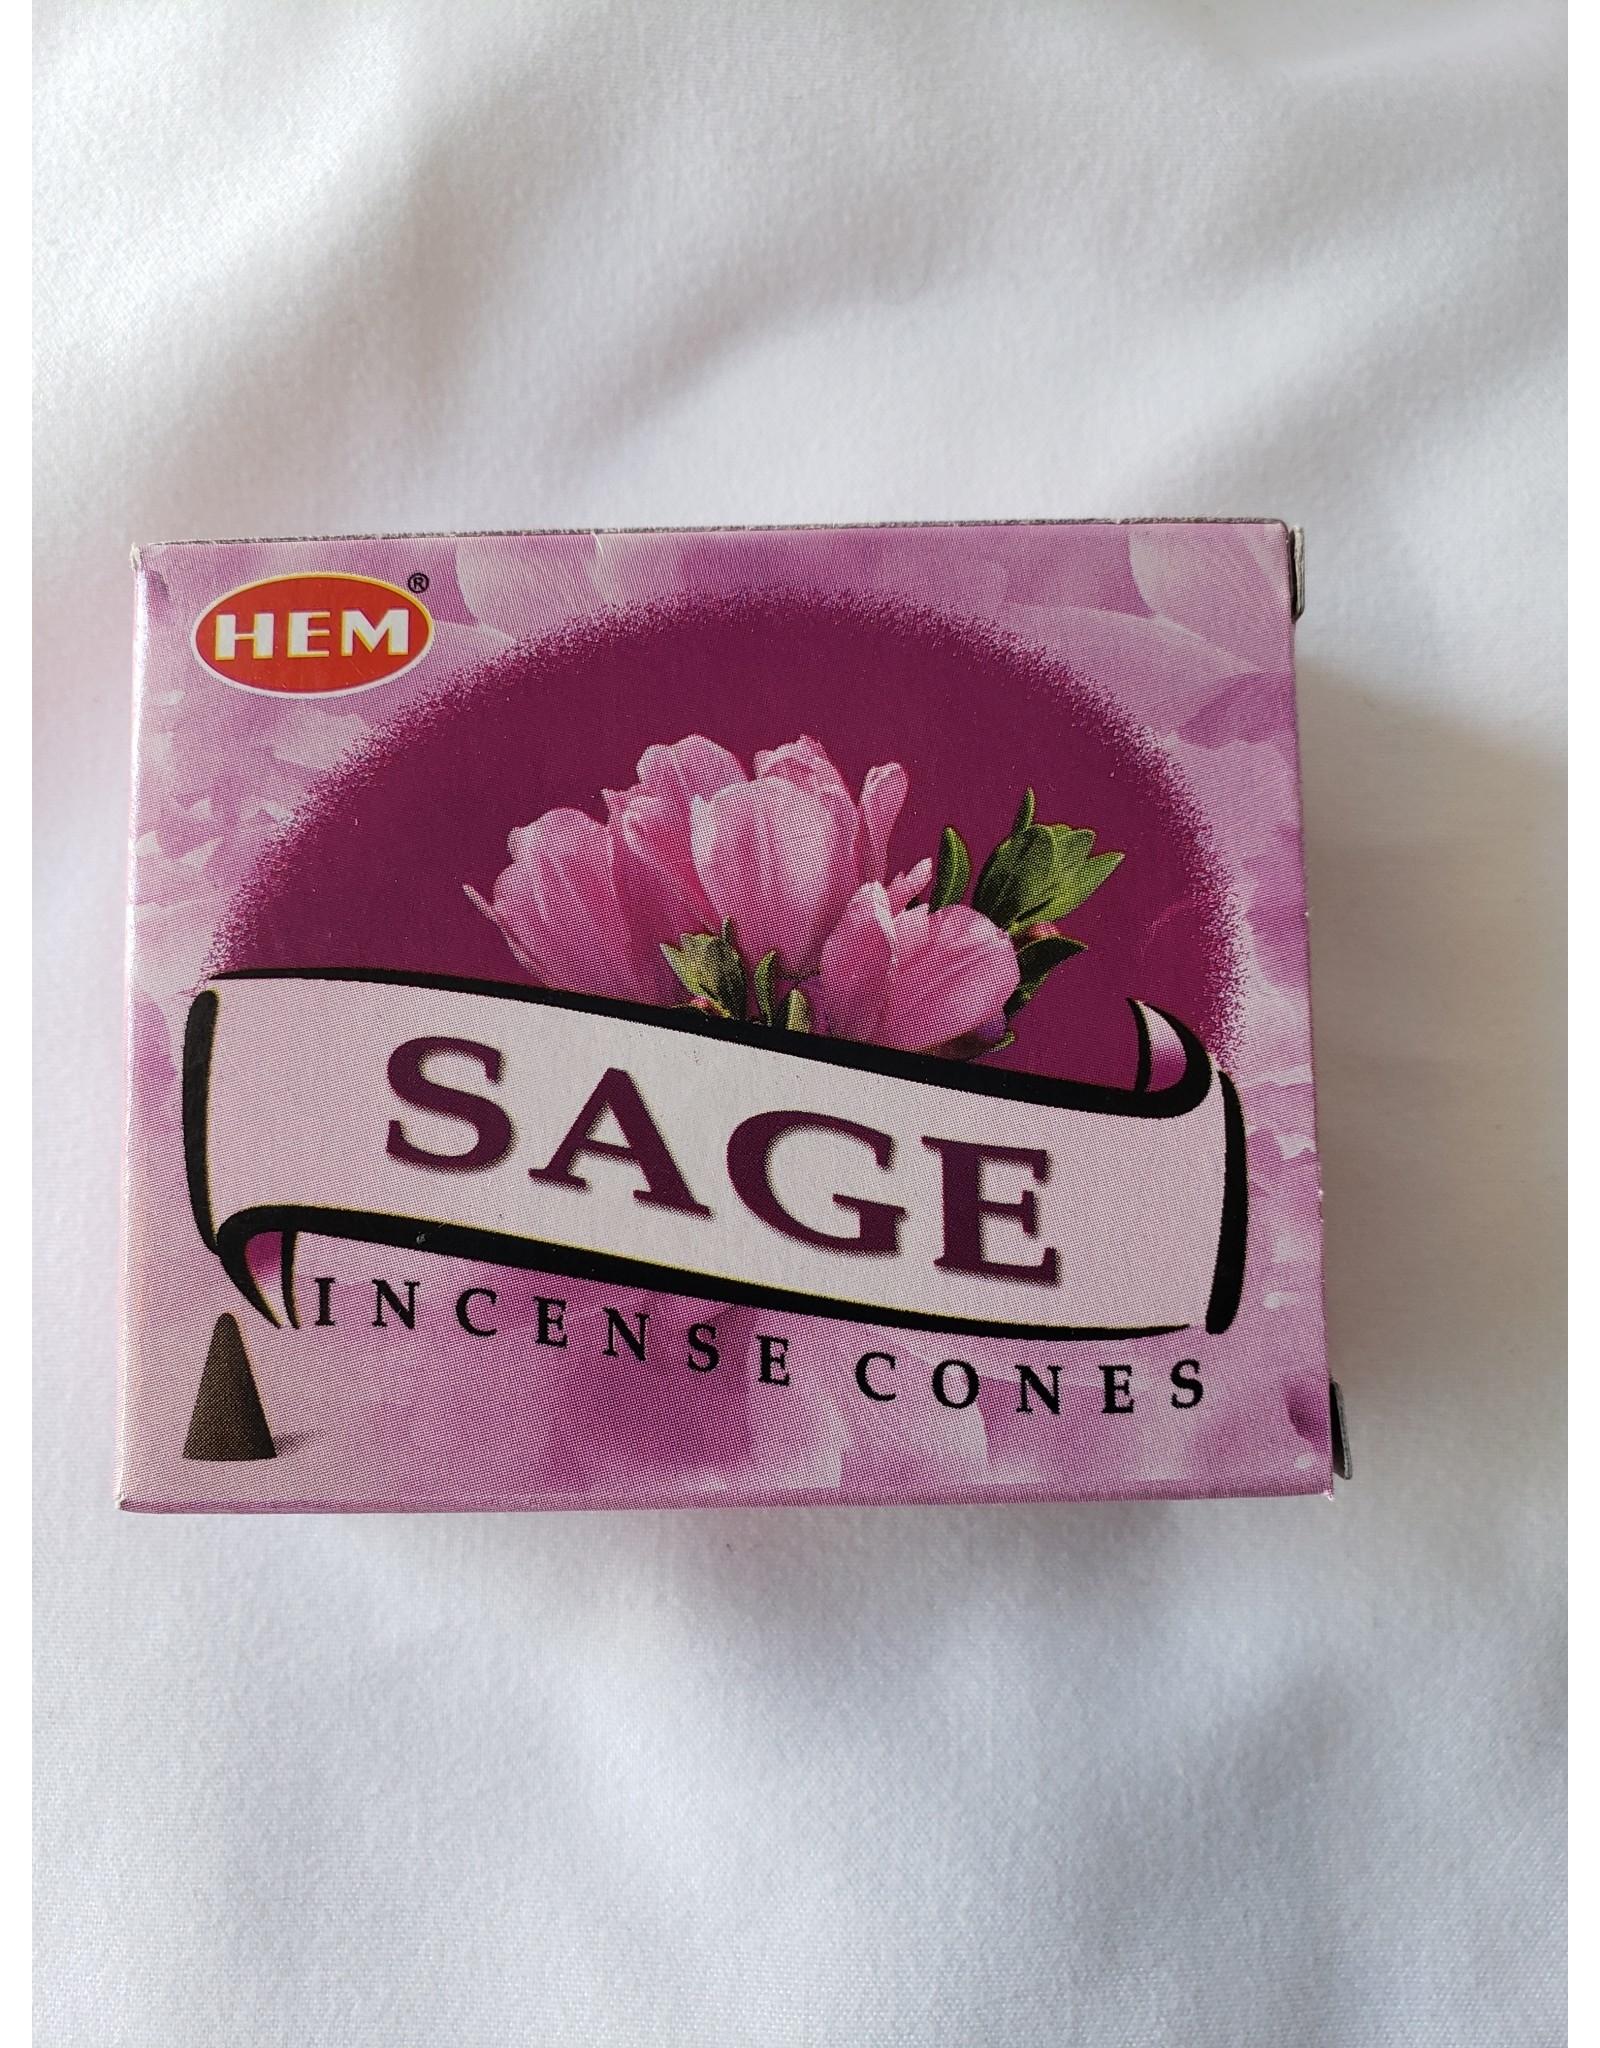 Hem Sage Incense Cones